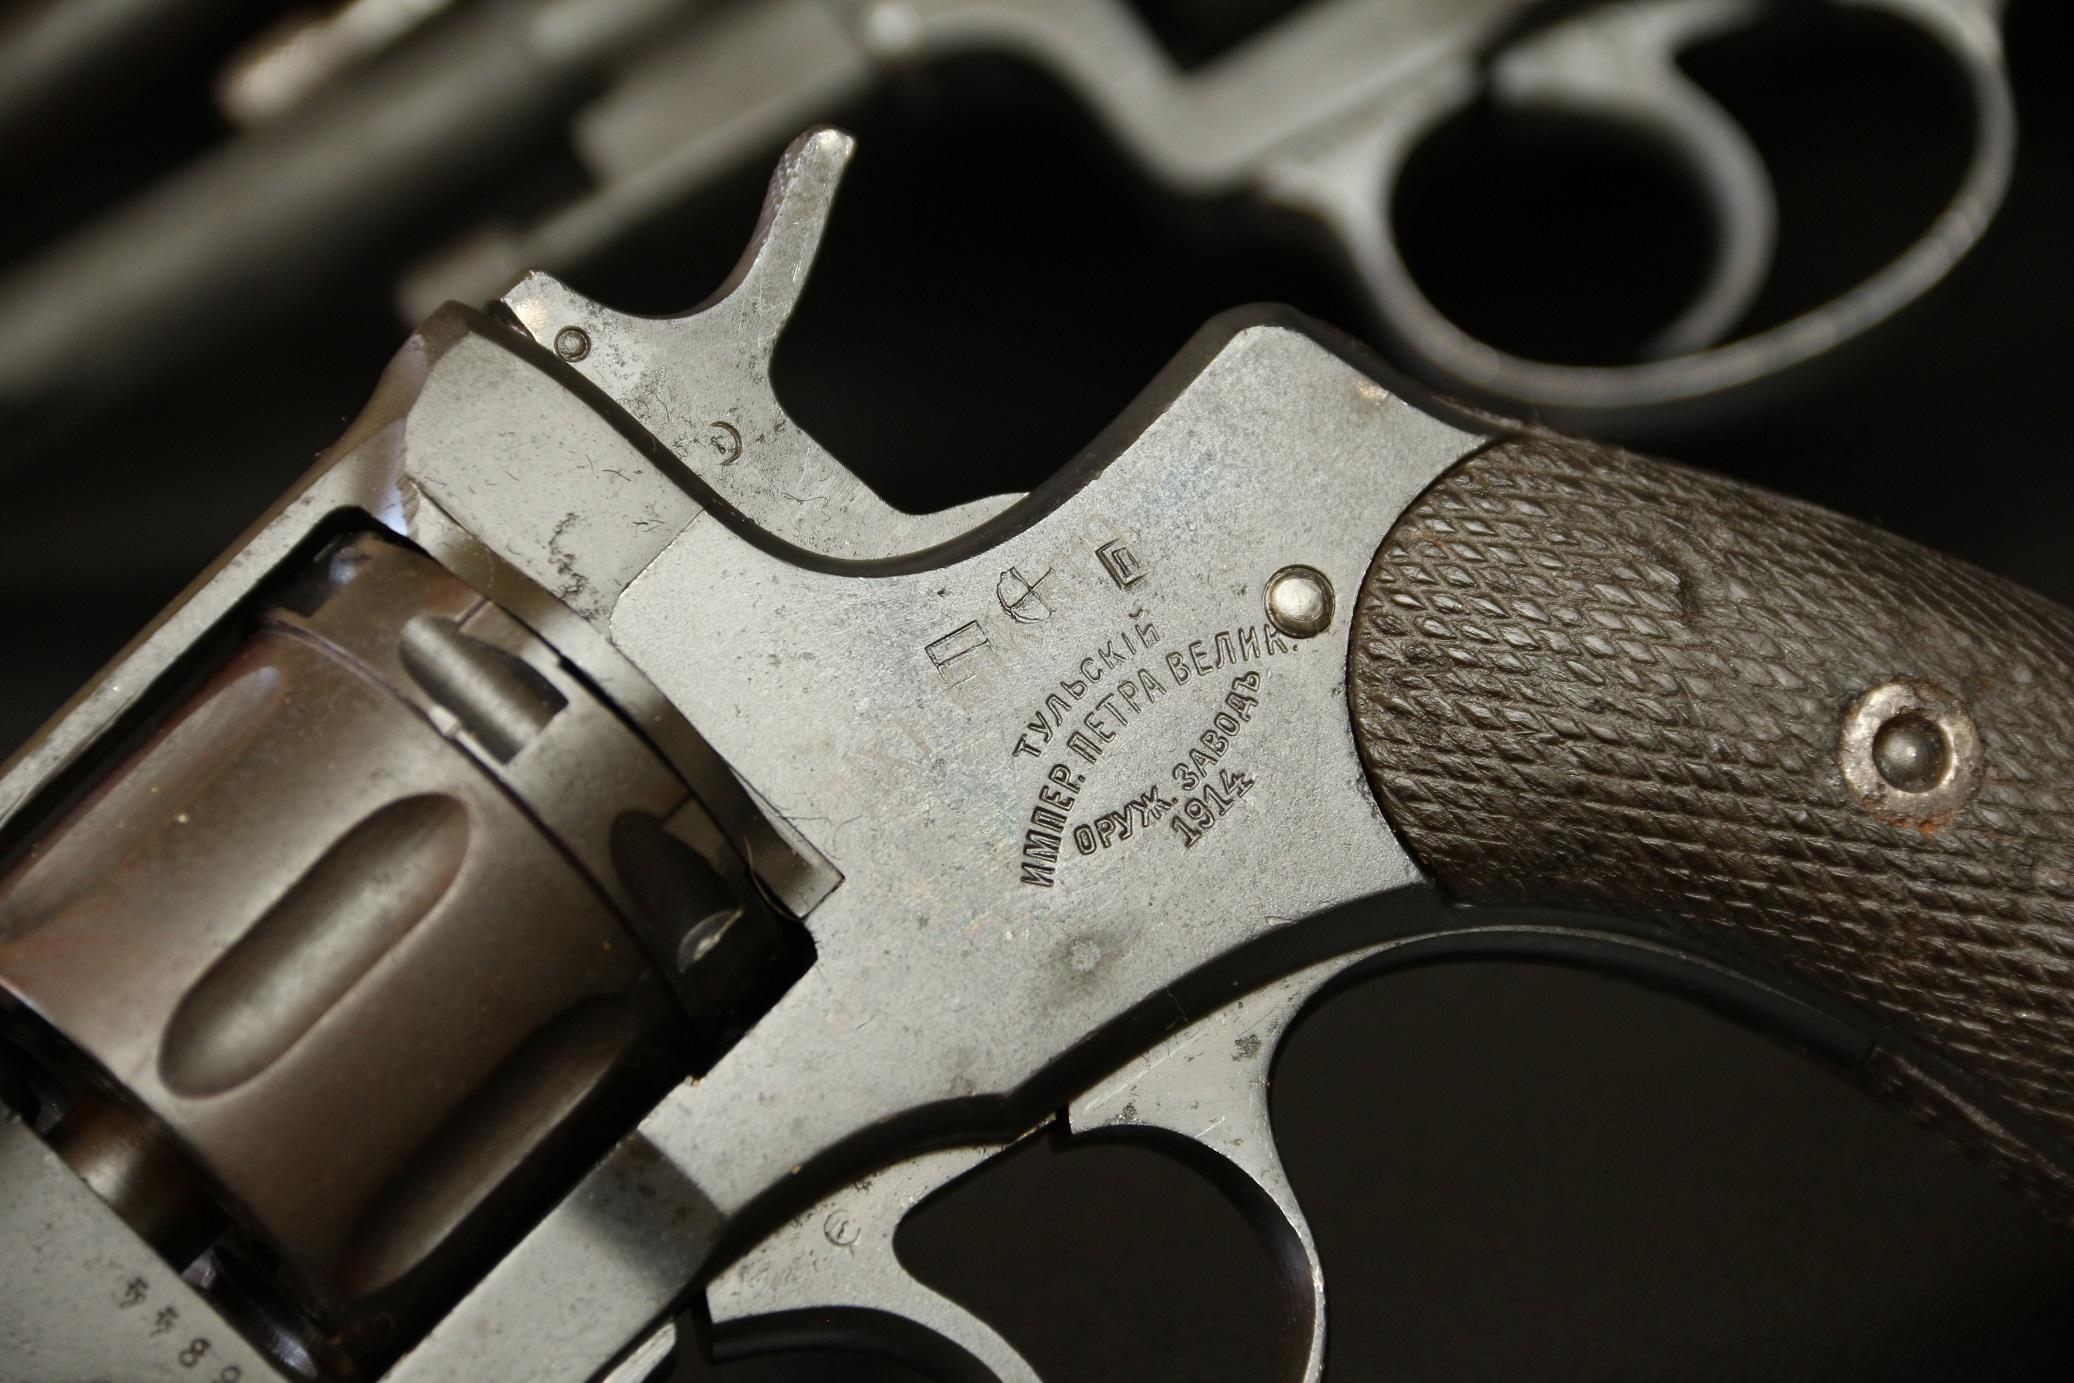 Охолощенный револьвер Наган 1914 года №46844, царский, интересный